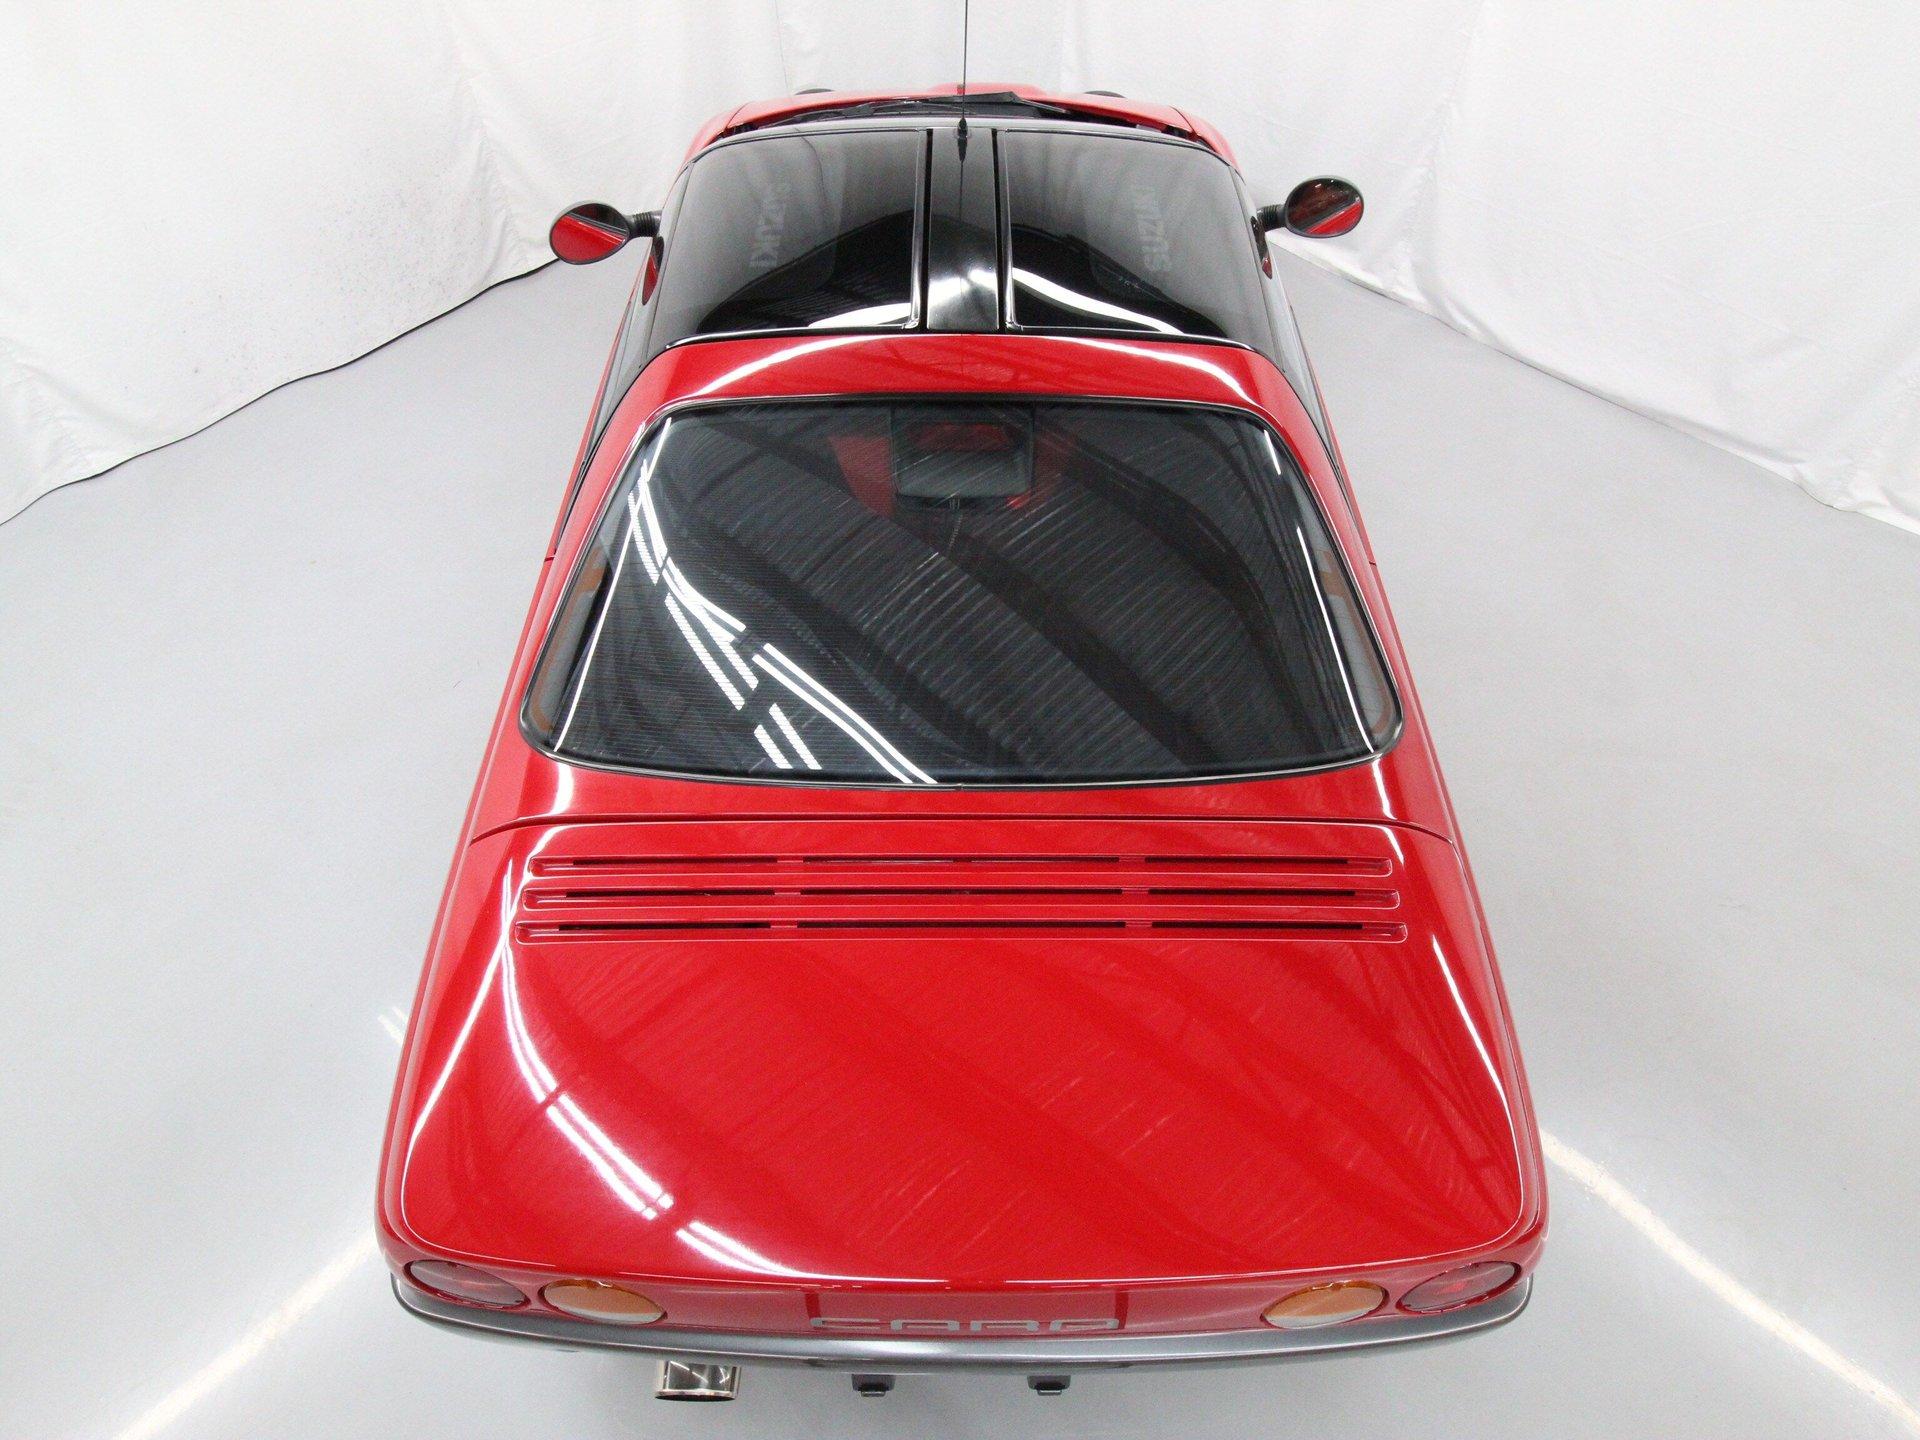 1994 Suzuki Cara